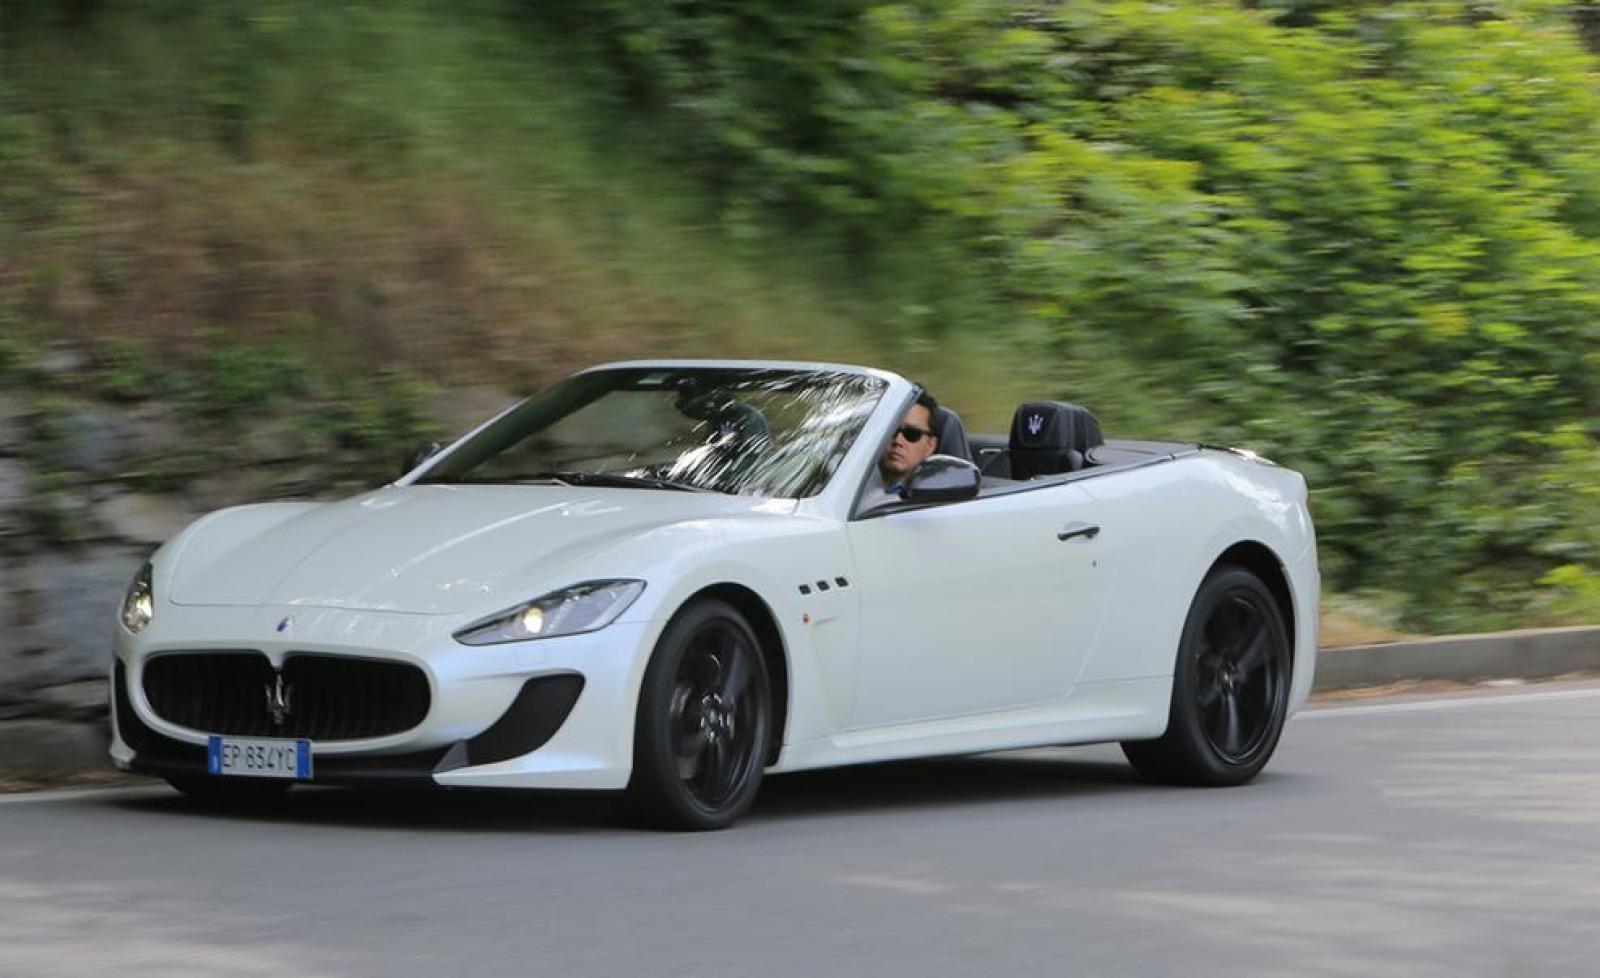 2015 Maserati GranTurismo Convertible - Information and ...